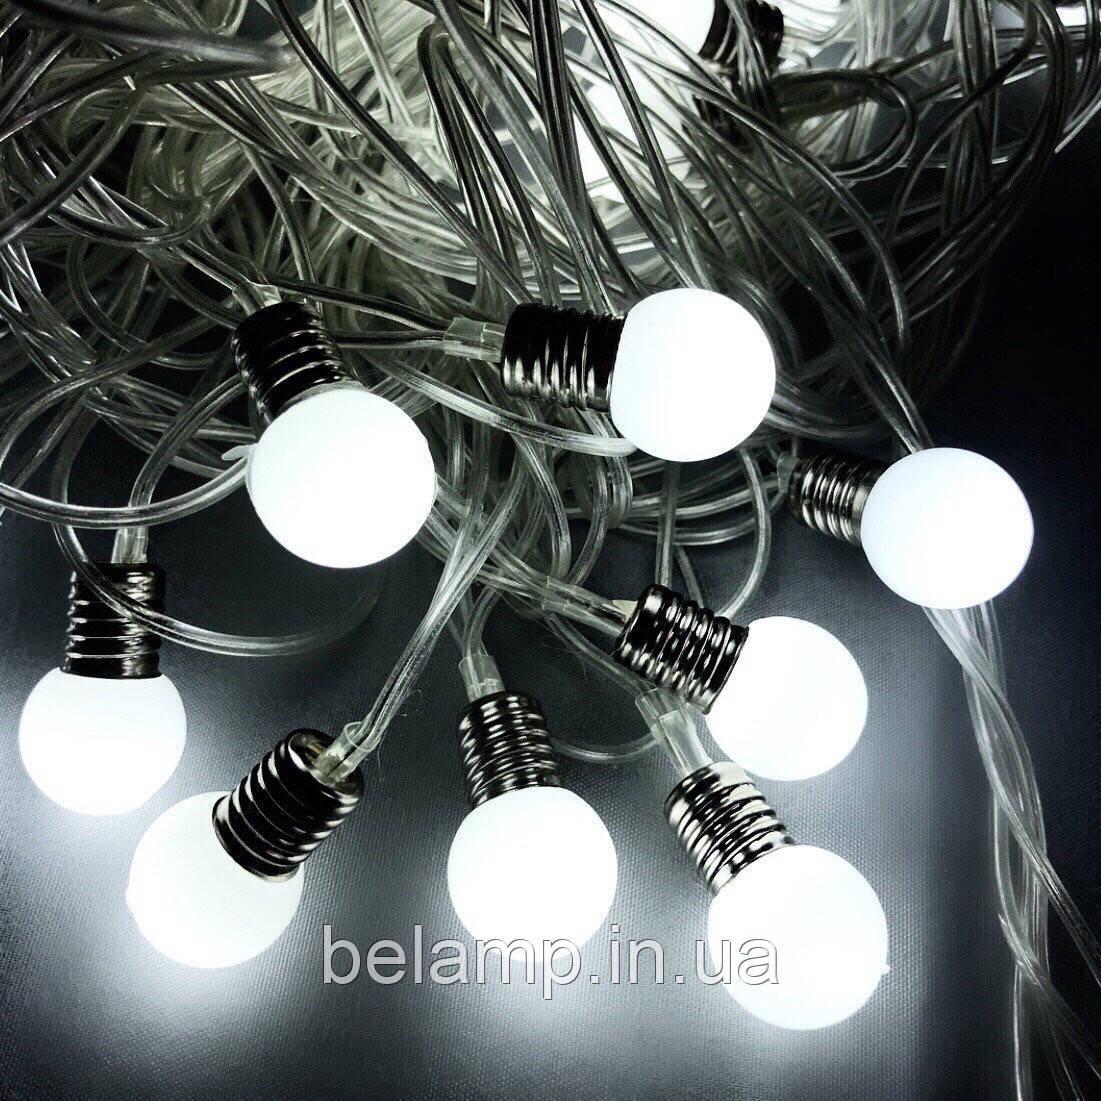 """Новогодняя гирлянда фасадная и внутренняя """"Яркие лампочки"""" от сети"""